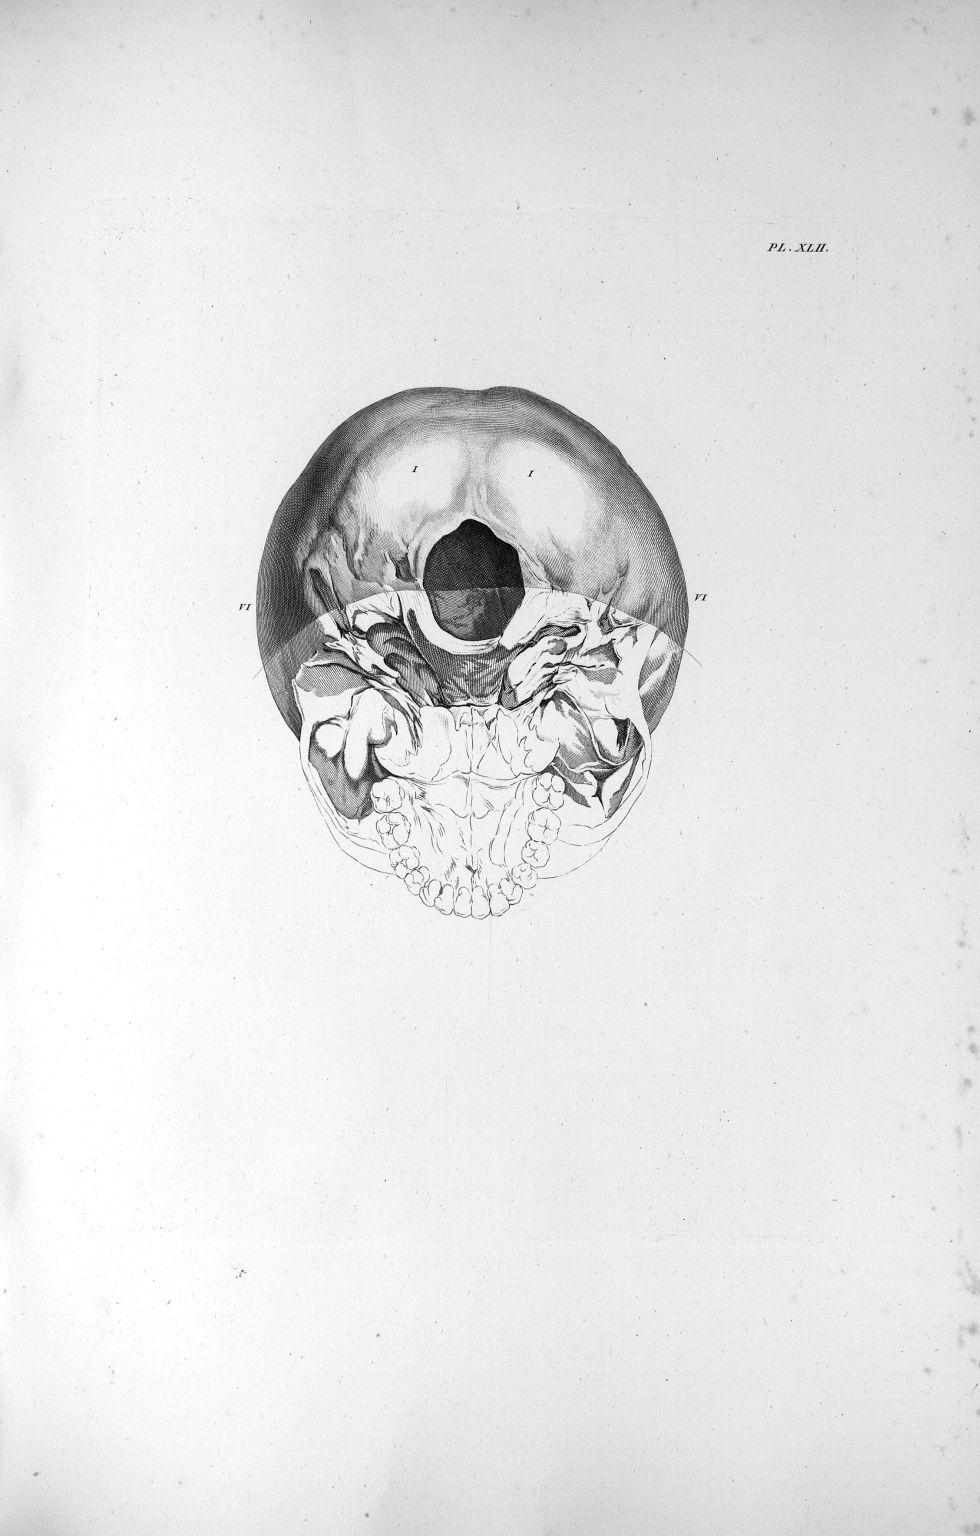 Pl. XLII. La base du crâne d'un garçon de deux à douze ans - Anatomie et physiologie du système nerv [...] - Anatomie. Neurologie. Crânes. 19e siècle (France) - med00575xatlasx0052